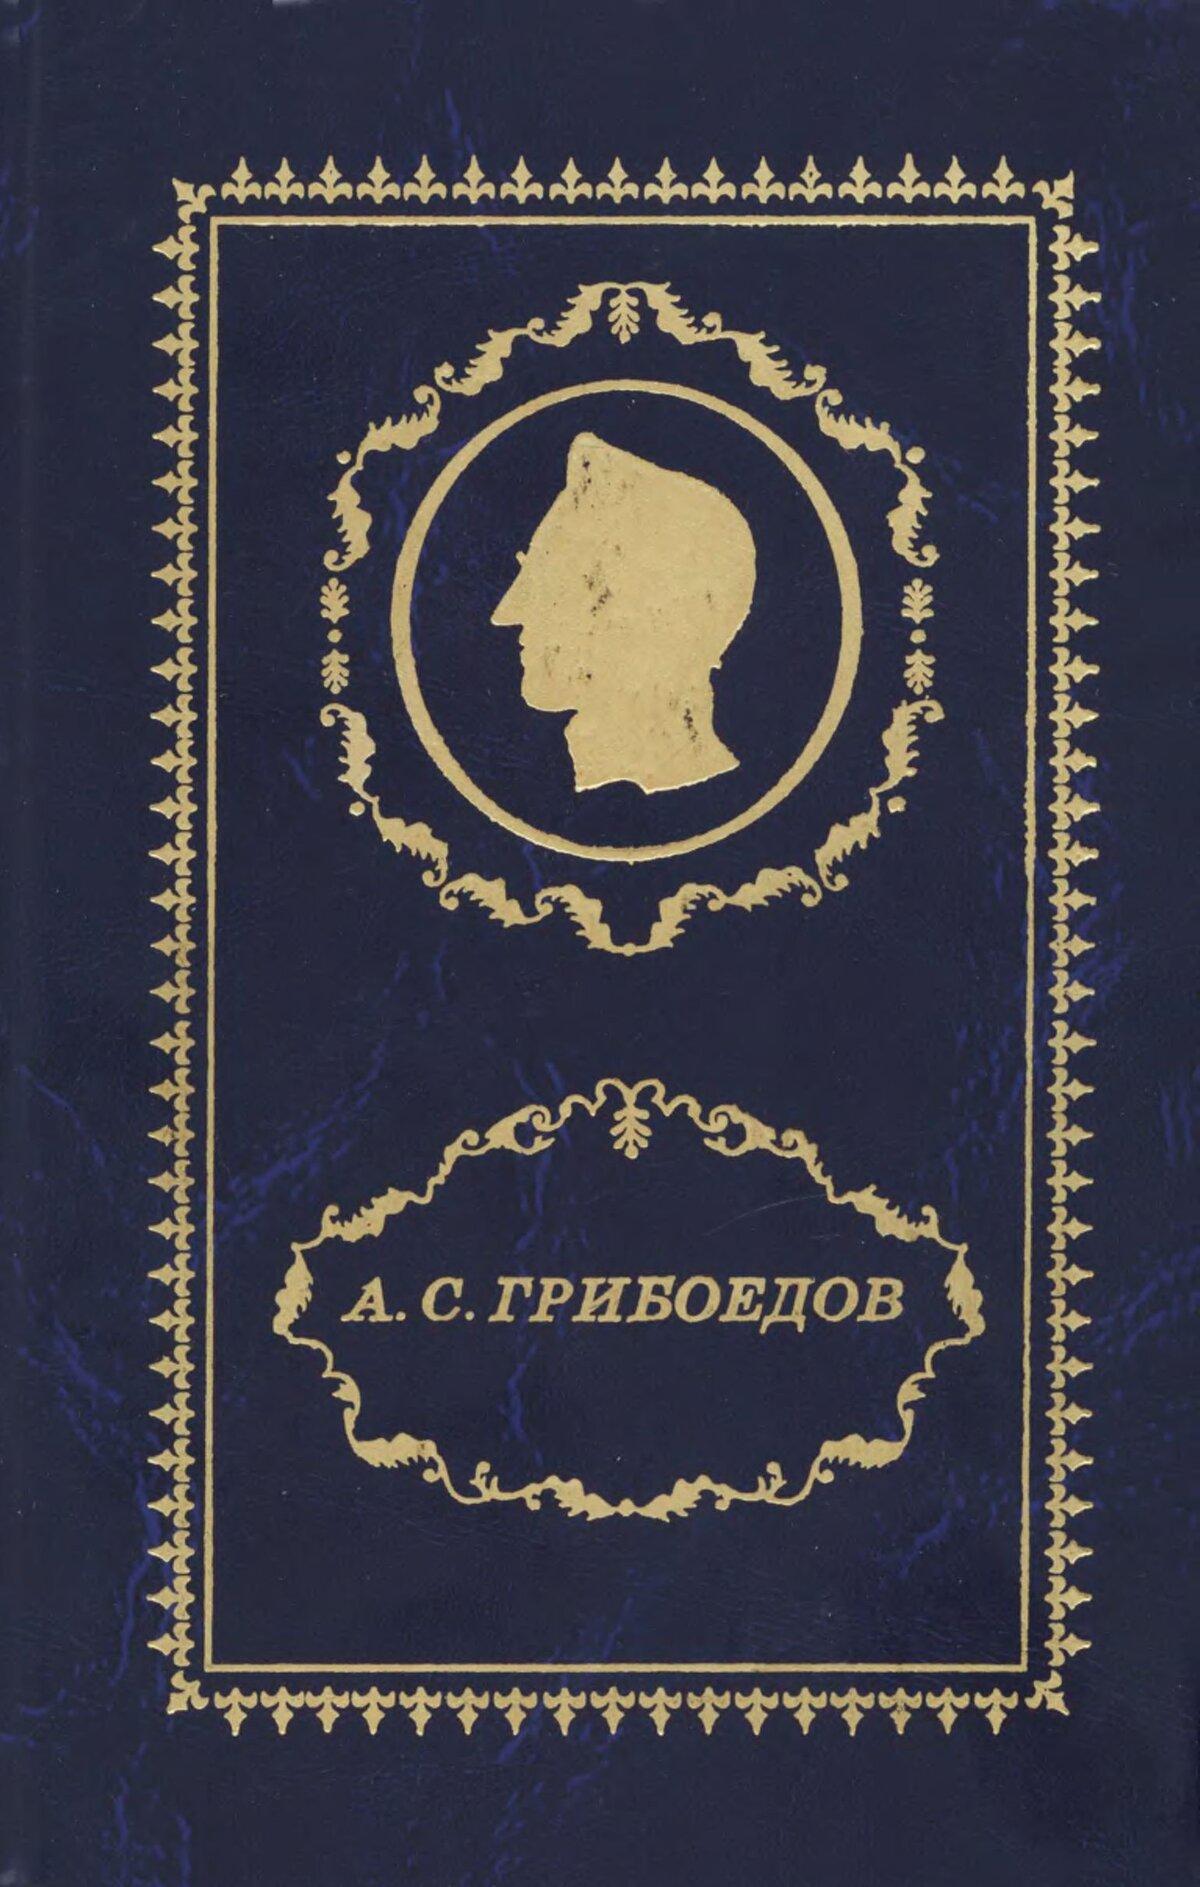 Александр Сергеевич Грибоедов - Полное собрание сочинений. В 3-х томах, скачать djvu